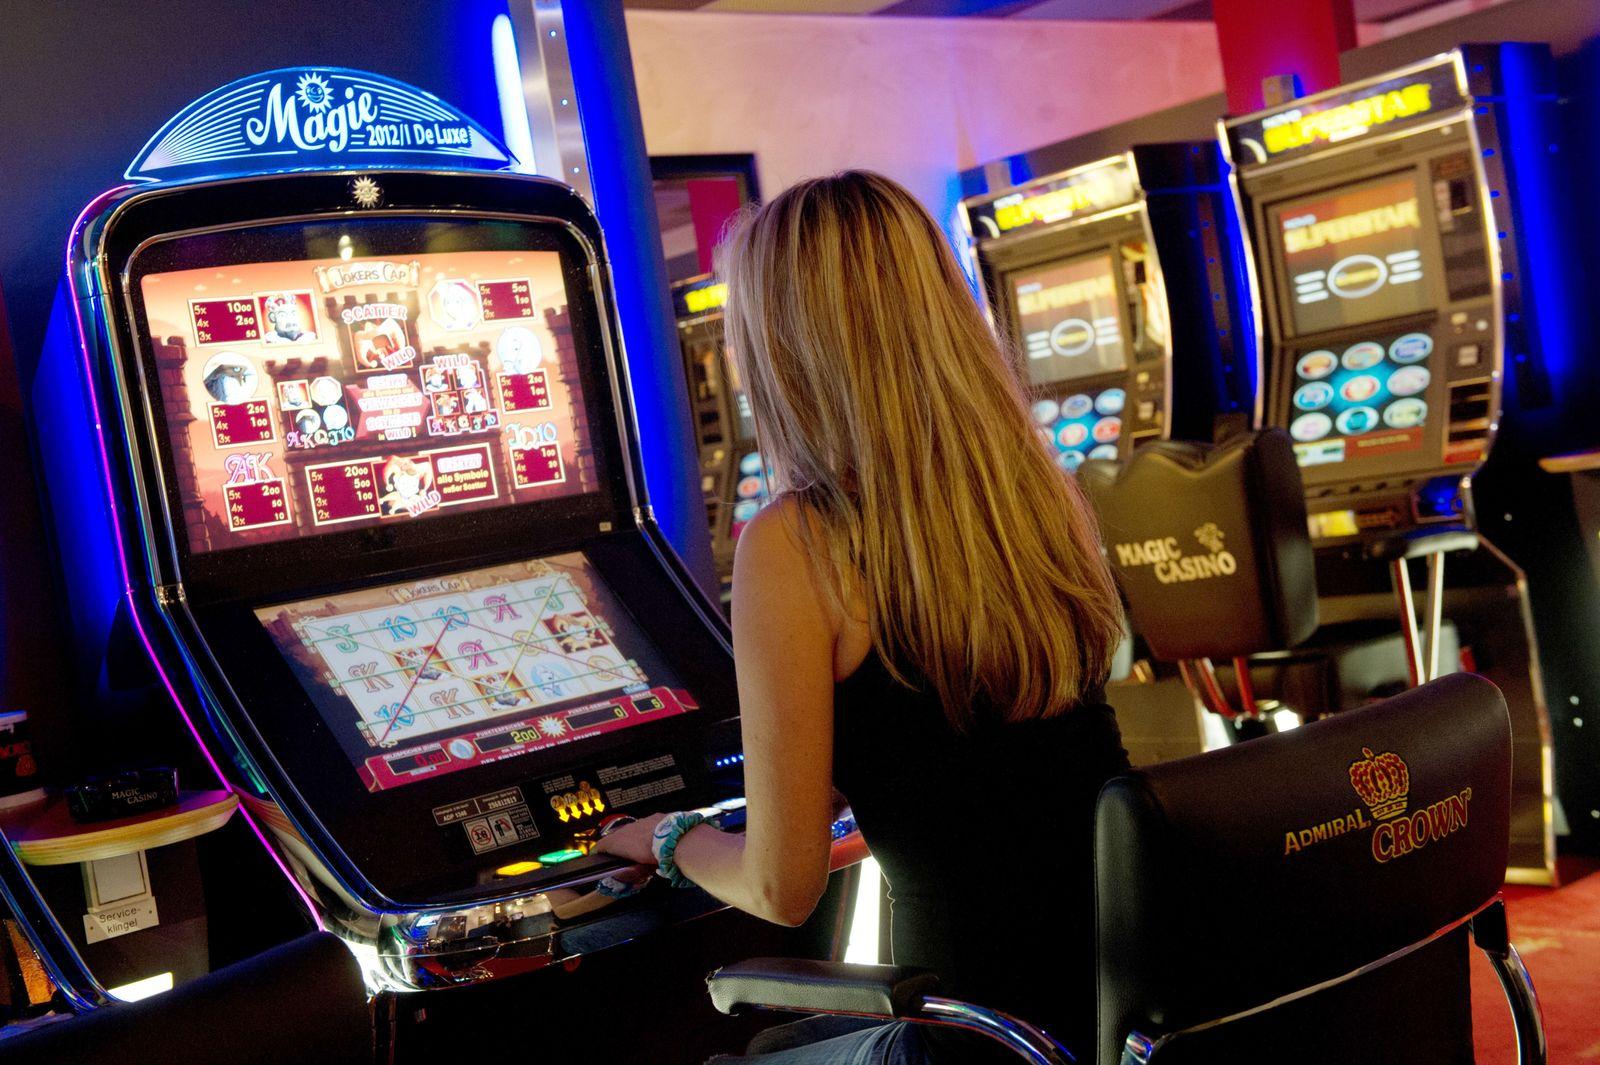 Spielhalle/ Spielautomat